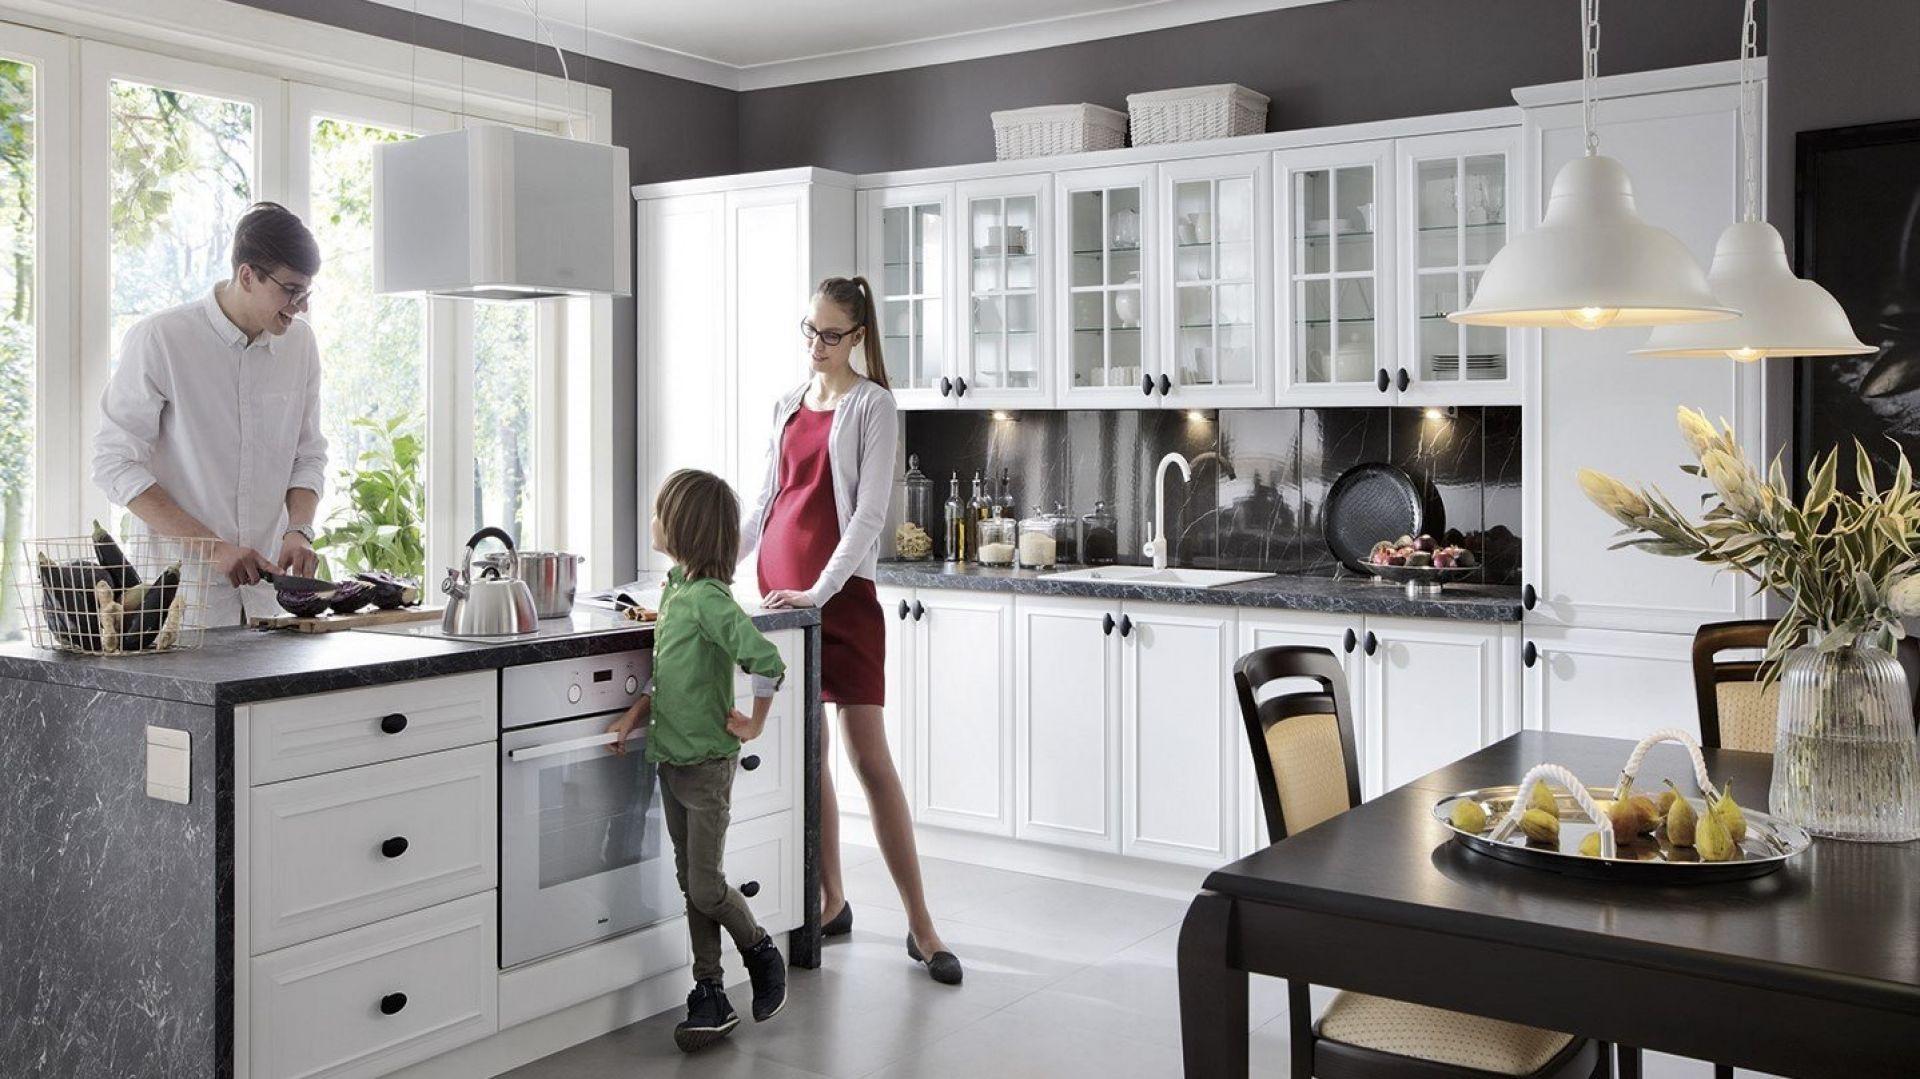 Kuchnia modułowa Family Line Fiore. Fronty w odcieniu biały super mat z dekoracyjnym frezowaniem to kwintesencja elegancji i szyku. Przywodzą na myśl szlachetne, angielskie wystroje, w których ducha tradycji wyczuwa się w każdym detalu. Meble dostępne w ofercie firmy Black Red White. Fot. Black Red White